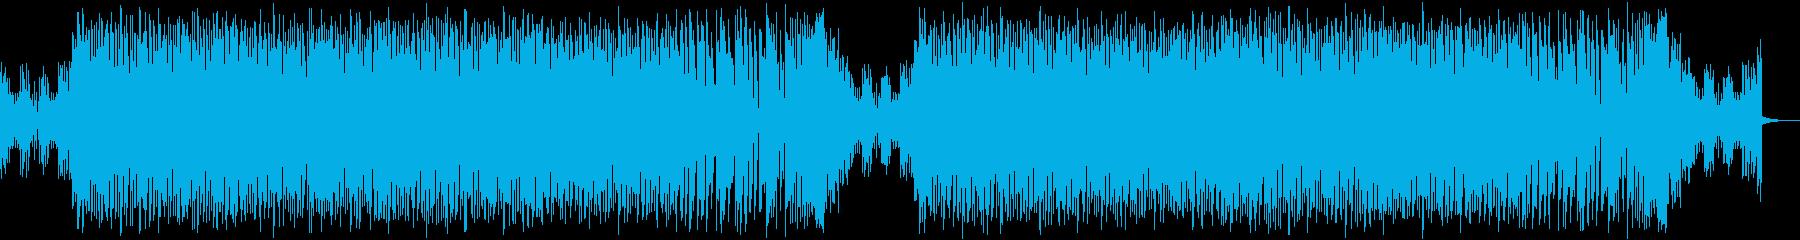 可愛い・ポップ・エレクトロ・VTuberの再生済みの波形